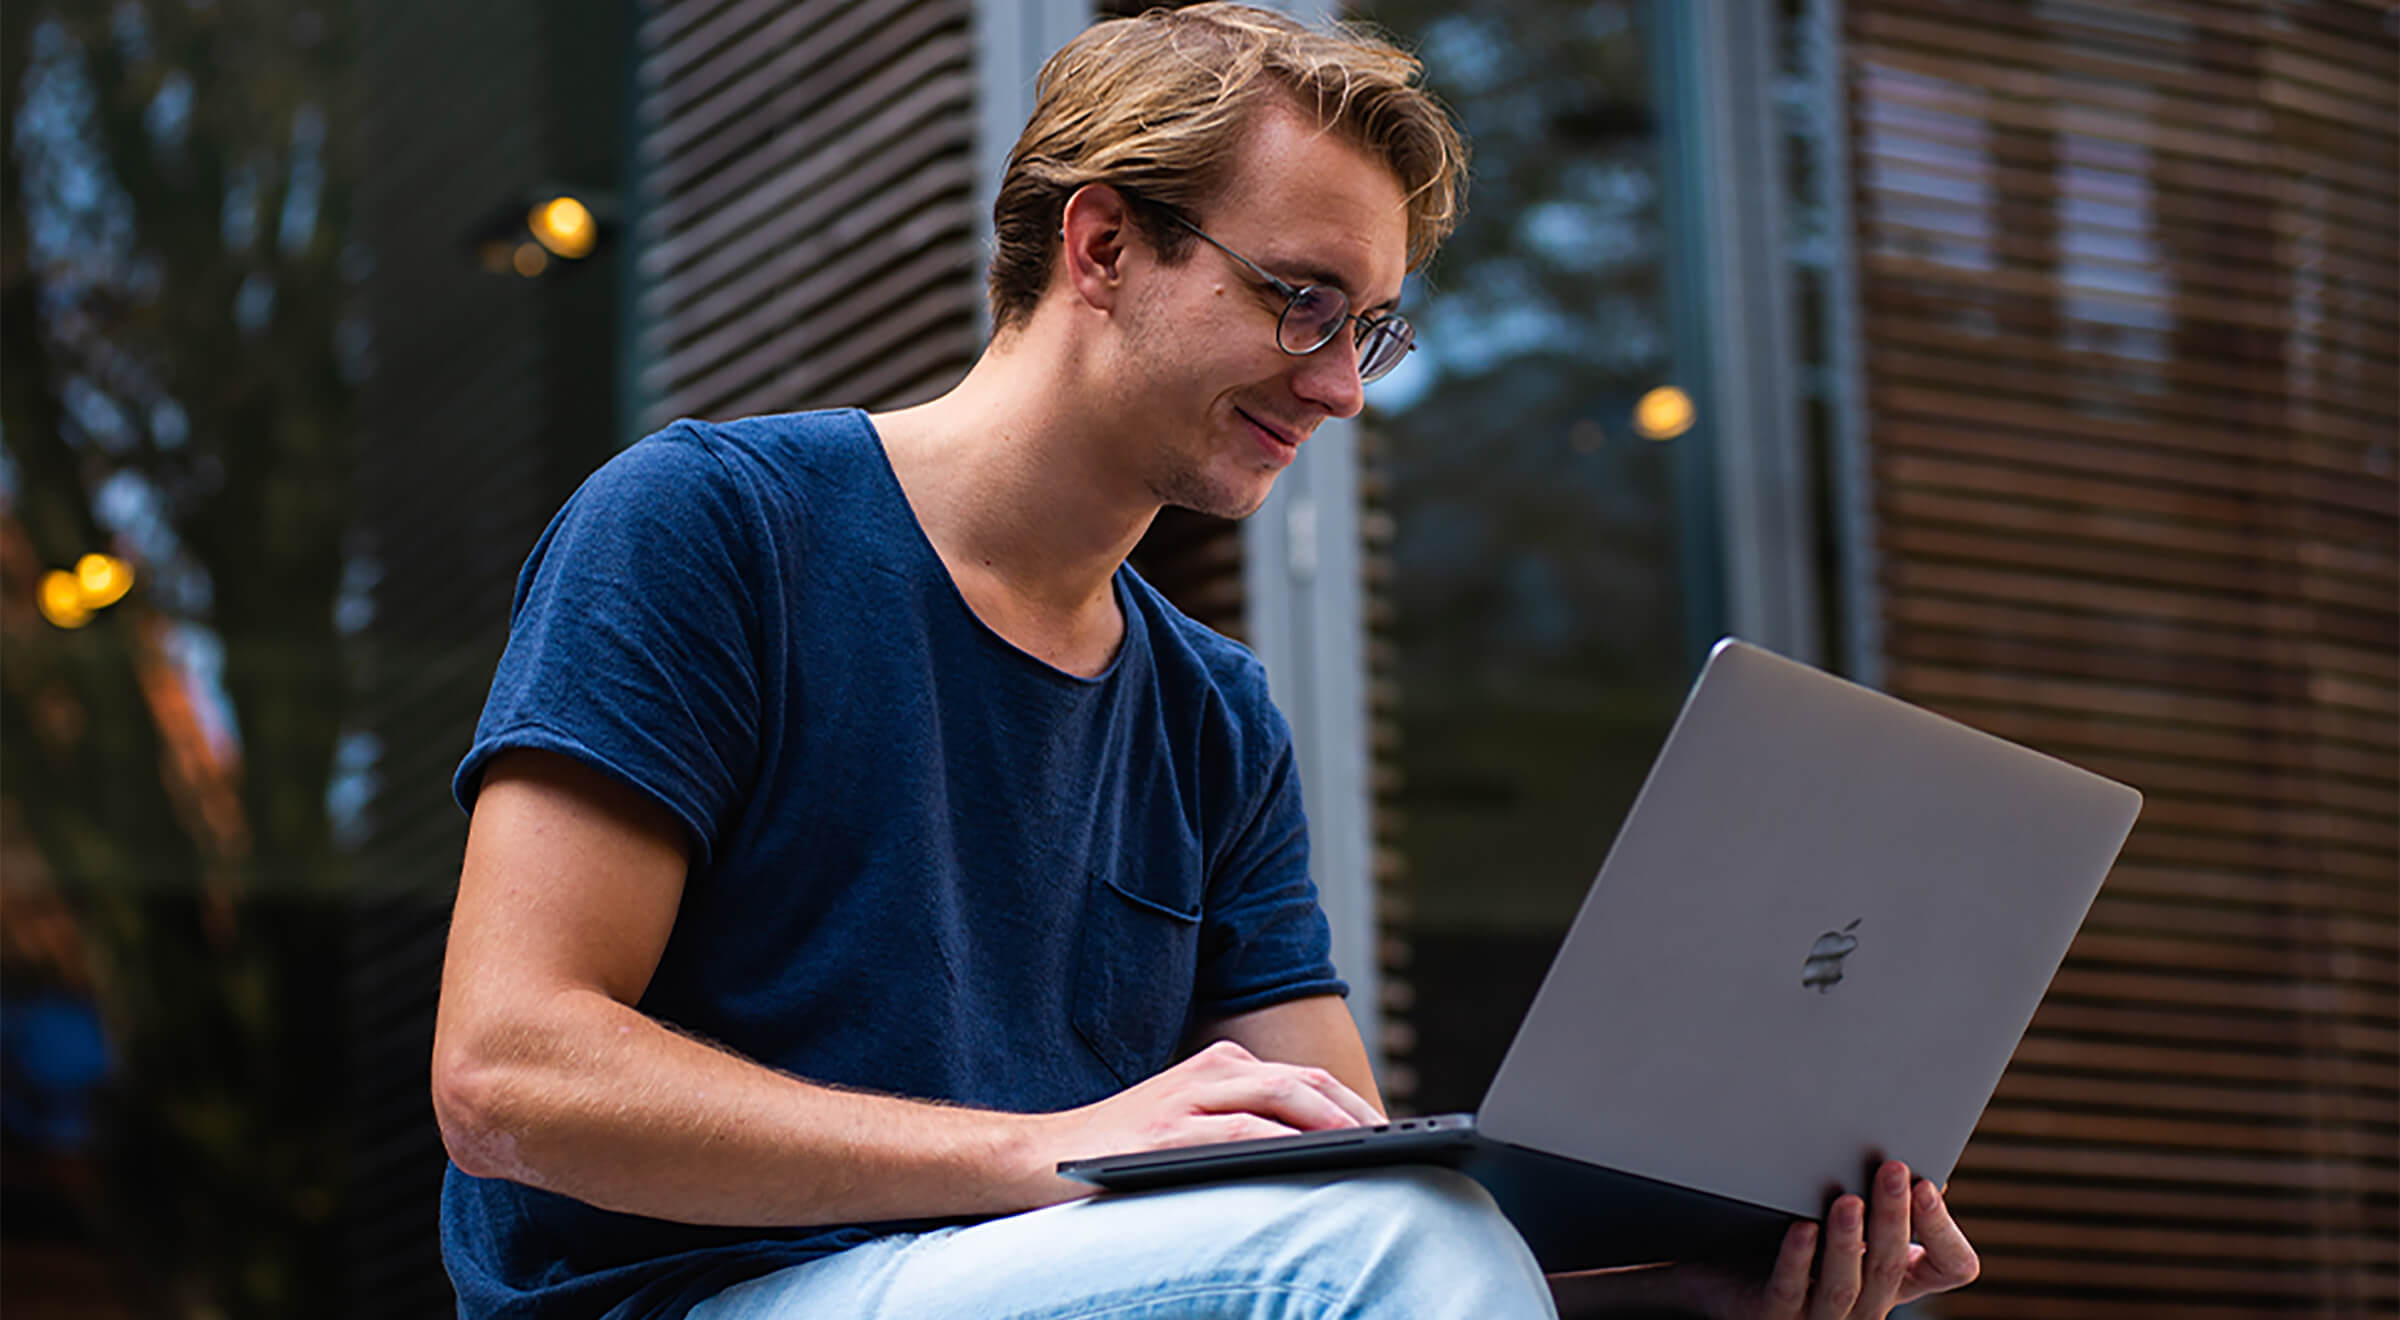 guy-computer